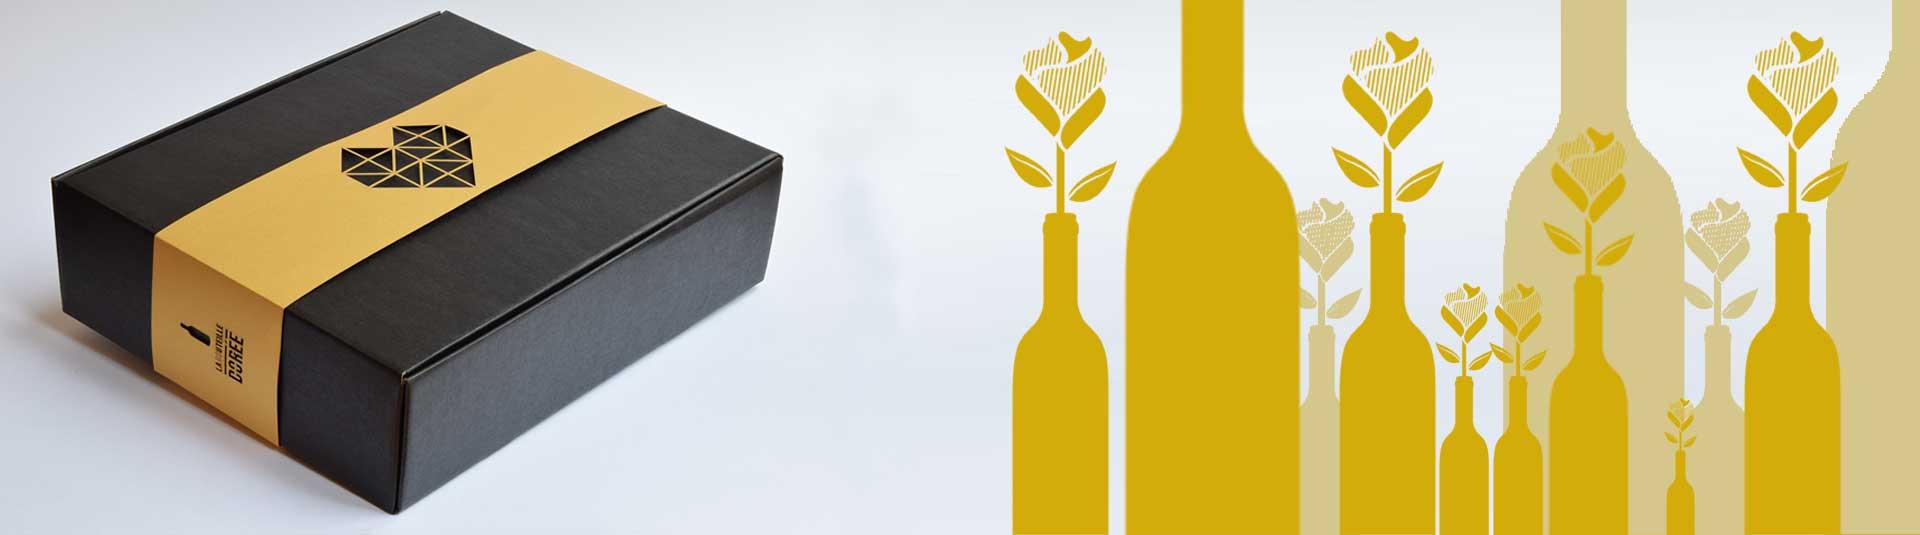 Coffret vin Saint-Valentin, cadeau vin Saint-Valentin - La Bouteille Dorée